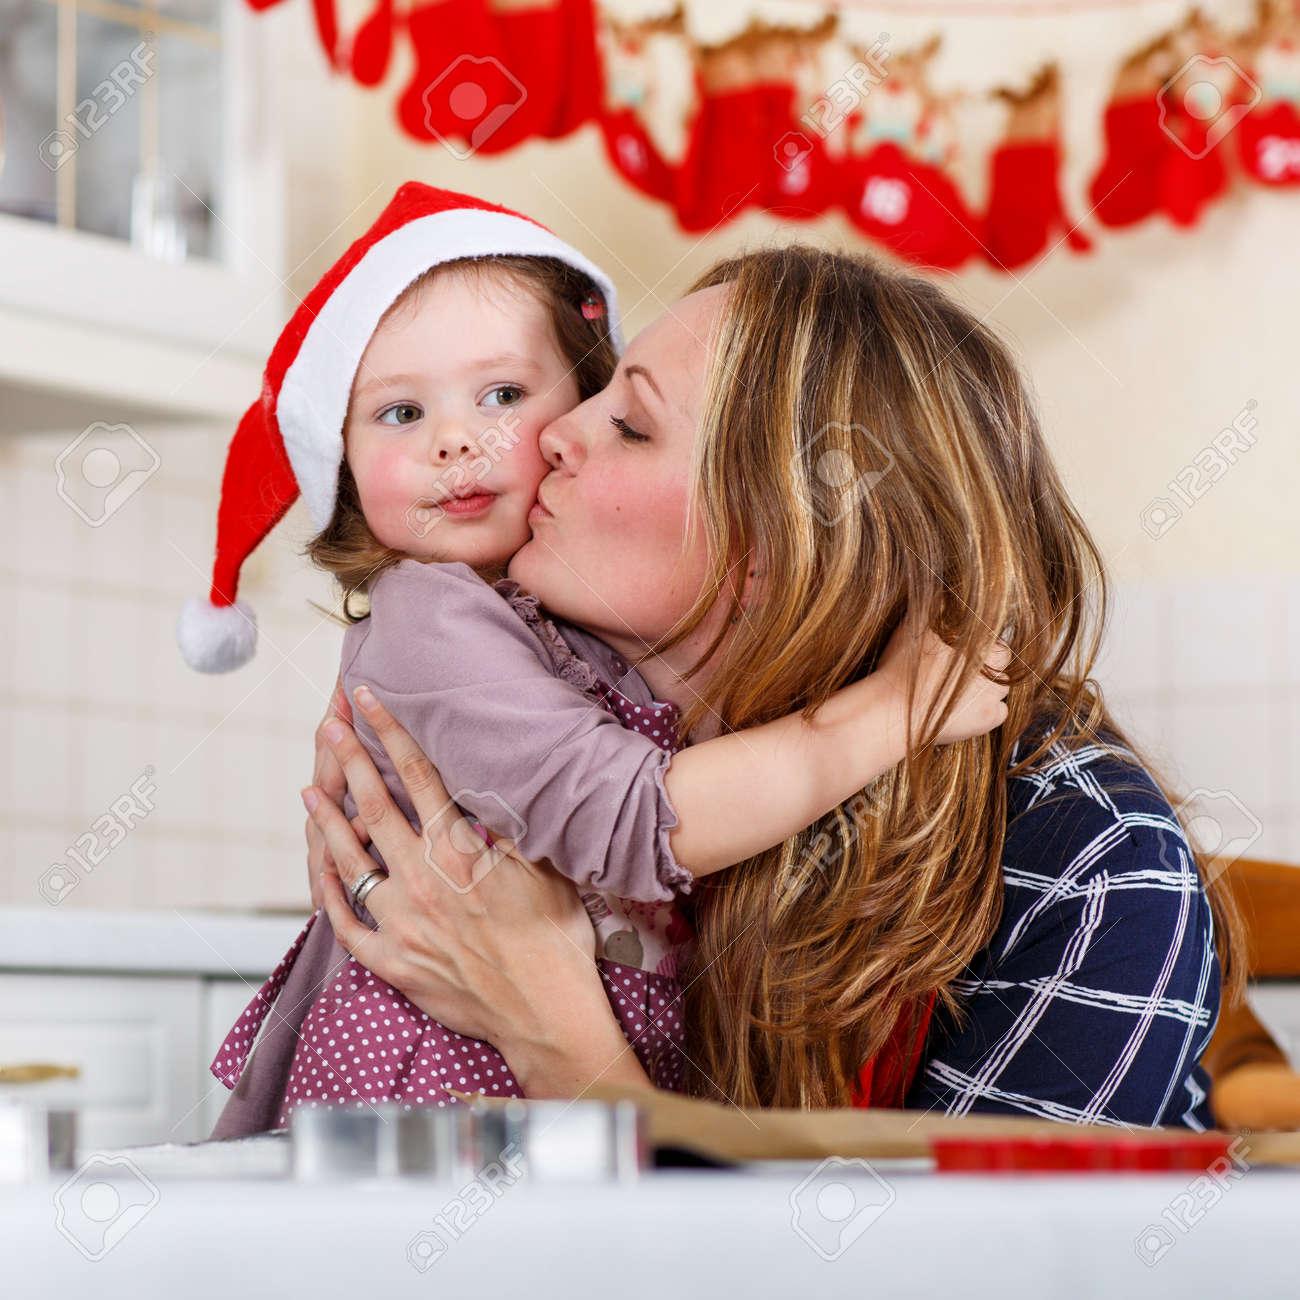 Weihnachtsplätzchen International.Glückliche Mutter Junge Frau Im Roten Weihnachtsmütze Backen